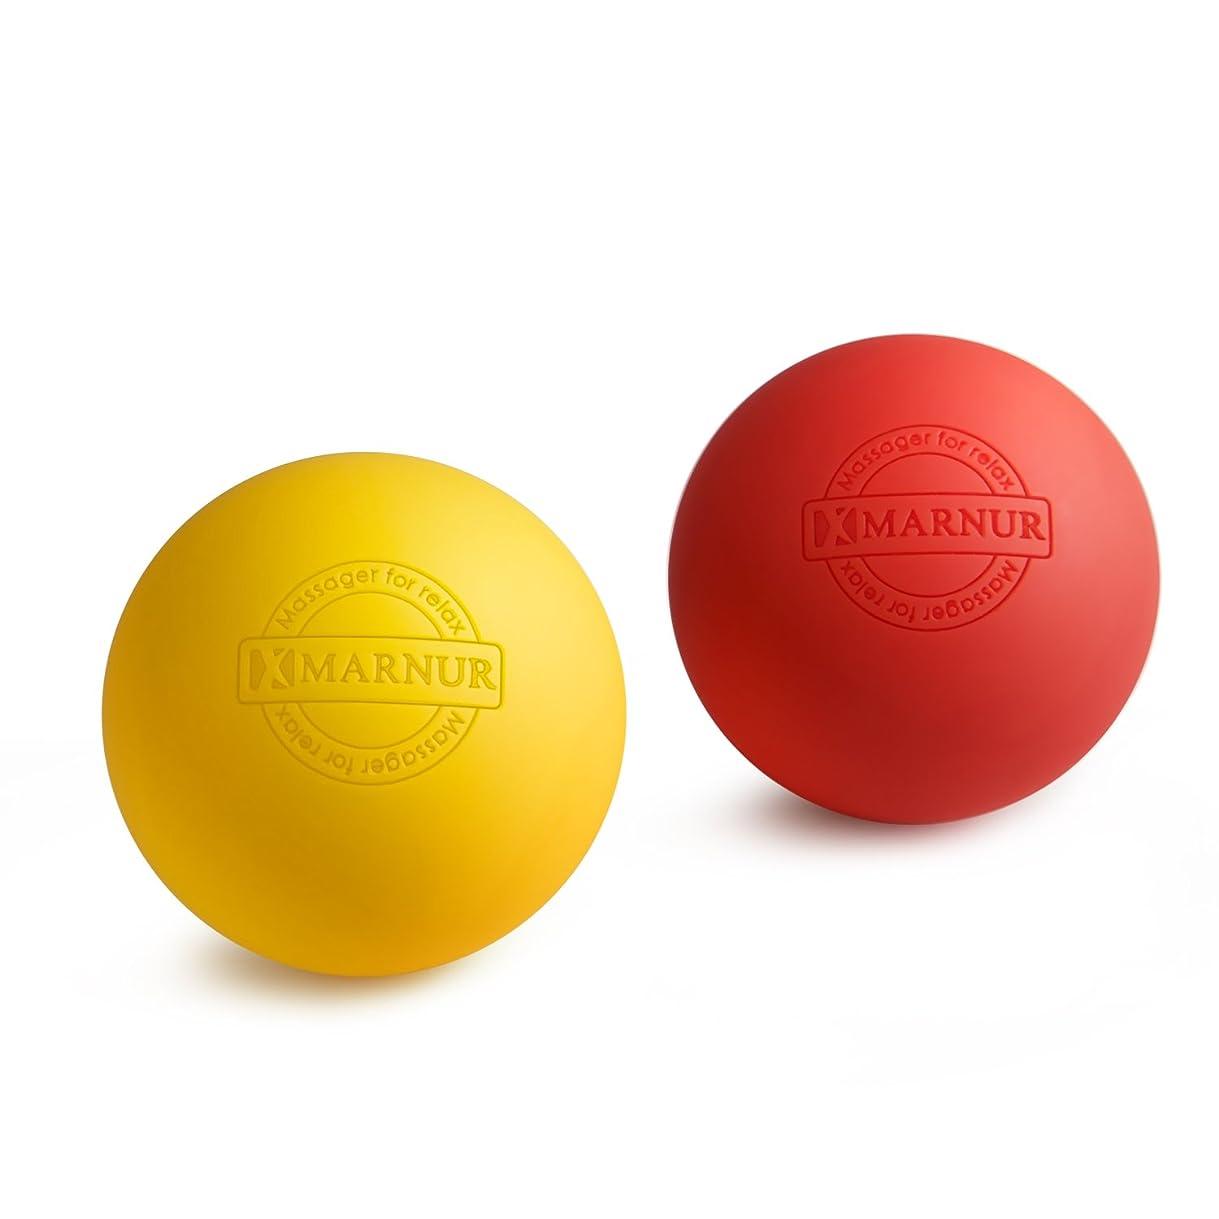 シャックルダイジェスト巨大MARNUR マッサージボール ストレッチボール トリガーポイント 筋膜リリース トレーニング 背中 肩こり 腰 ふくらはぎ 足裏 ツボ押しグッズ 2で1組み合わせ